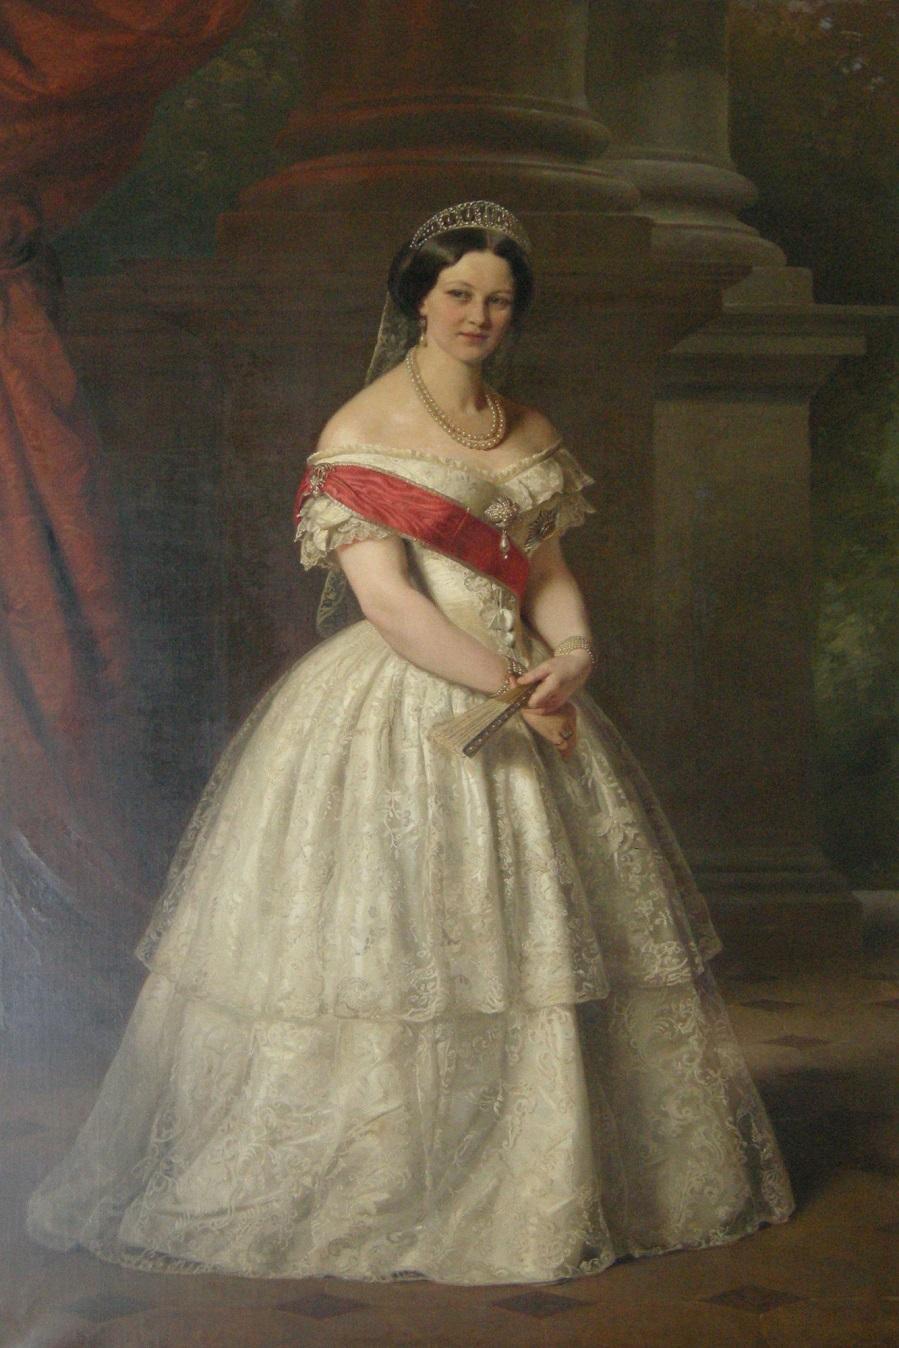 Marie Alexandrina of Saxe-Altenburg, Queen of Hanover (1818-1907)